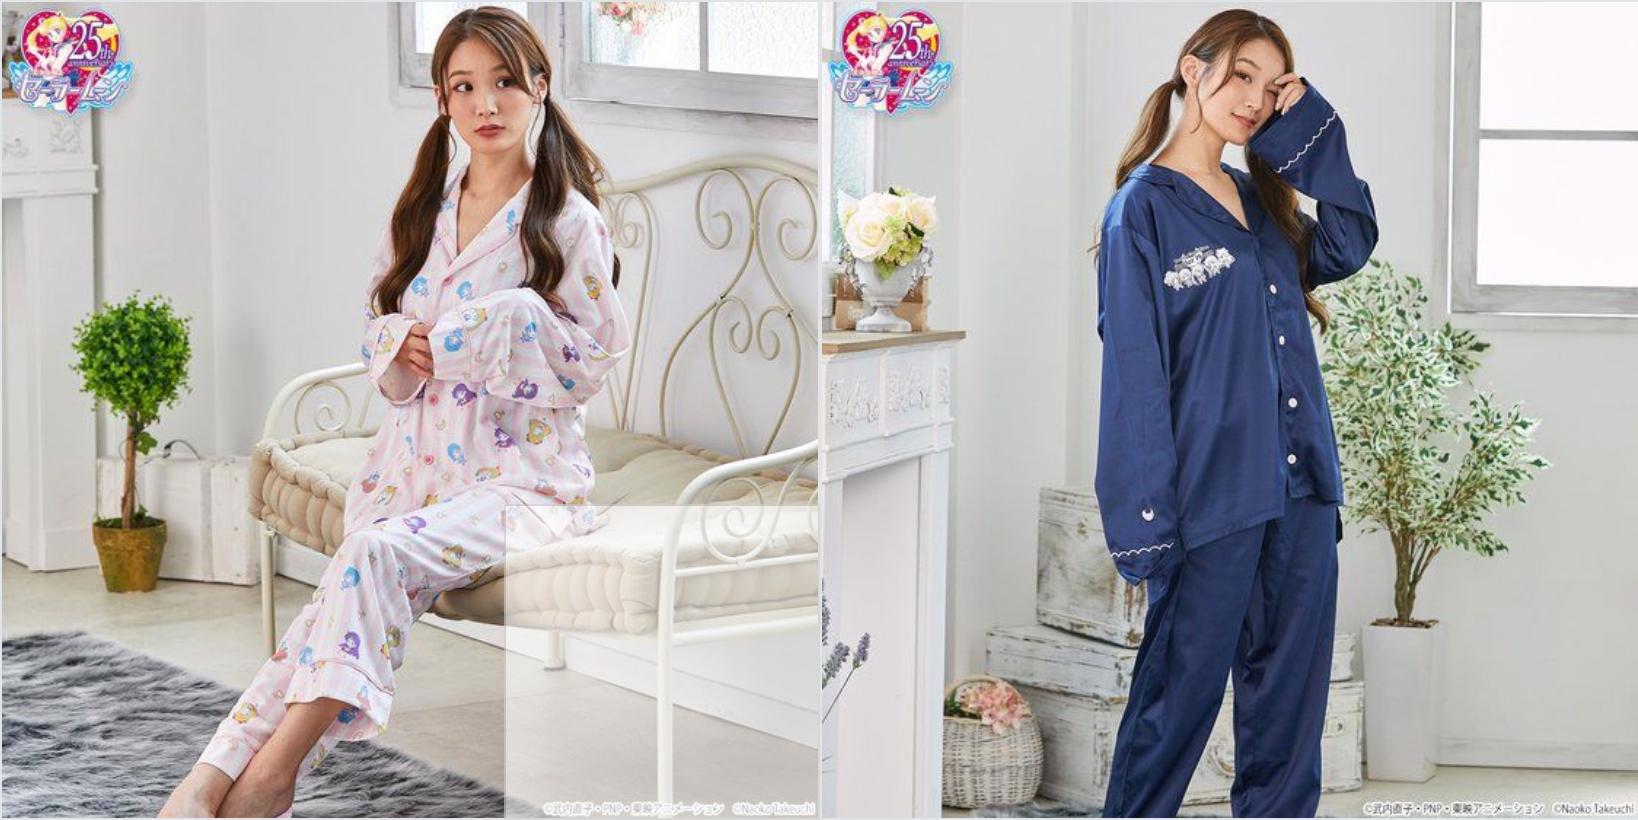 """『美少女戦士セーラームーン』より""""ぷちきゃら!""""デザインの可愛いパジャマが登場♪総柄とワンポイントの2種"""